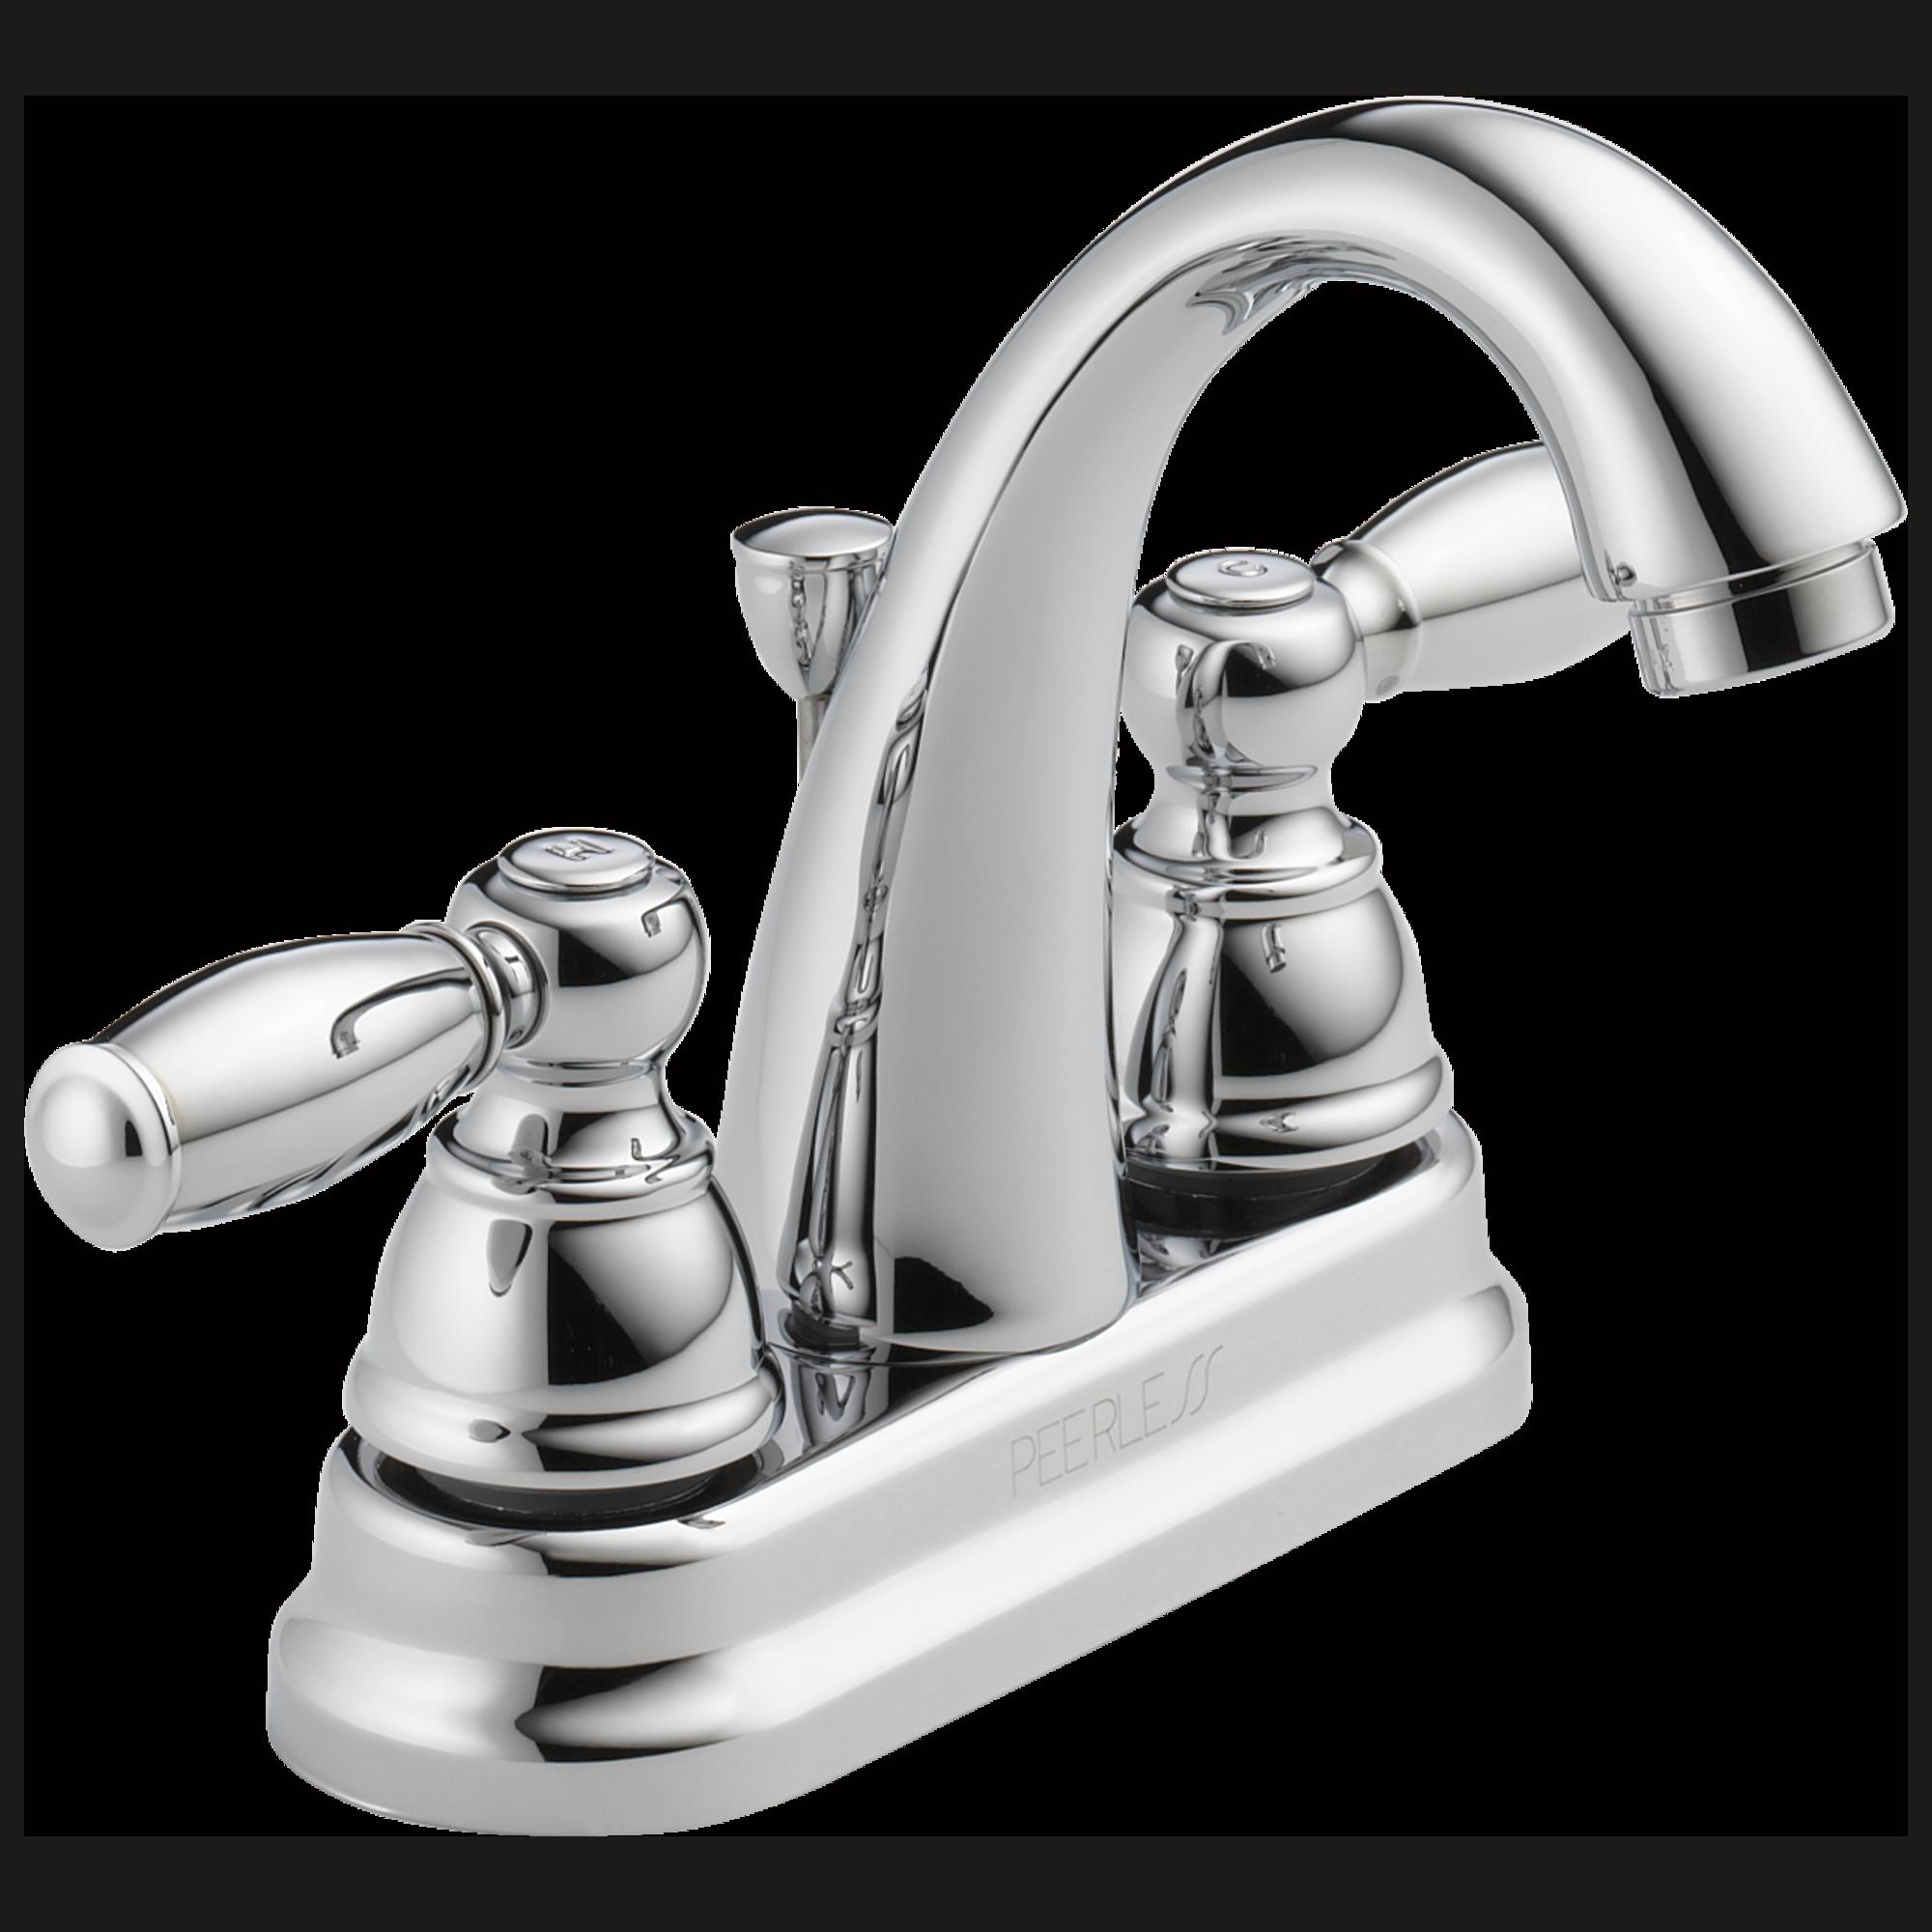 P299696LF - Two Handle Lavatory Faucet